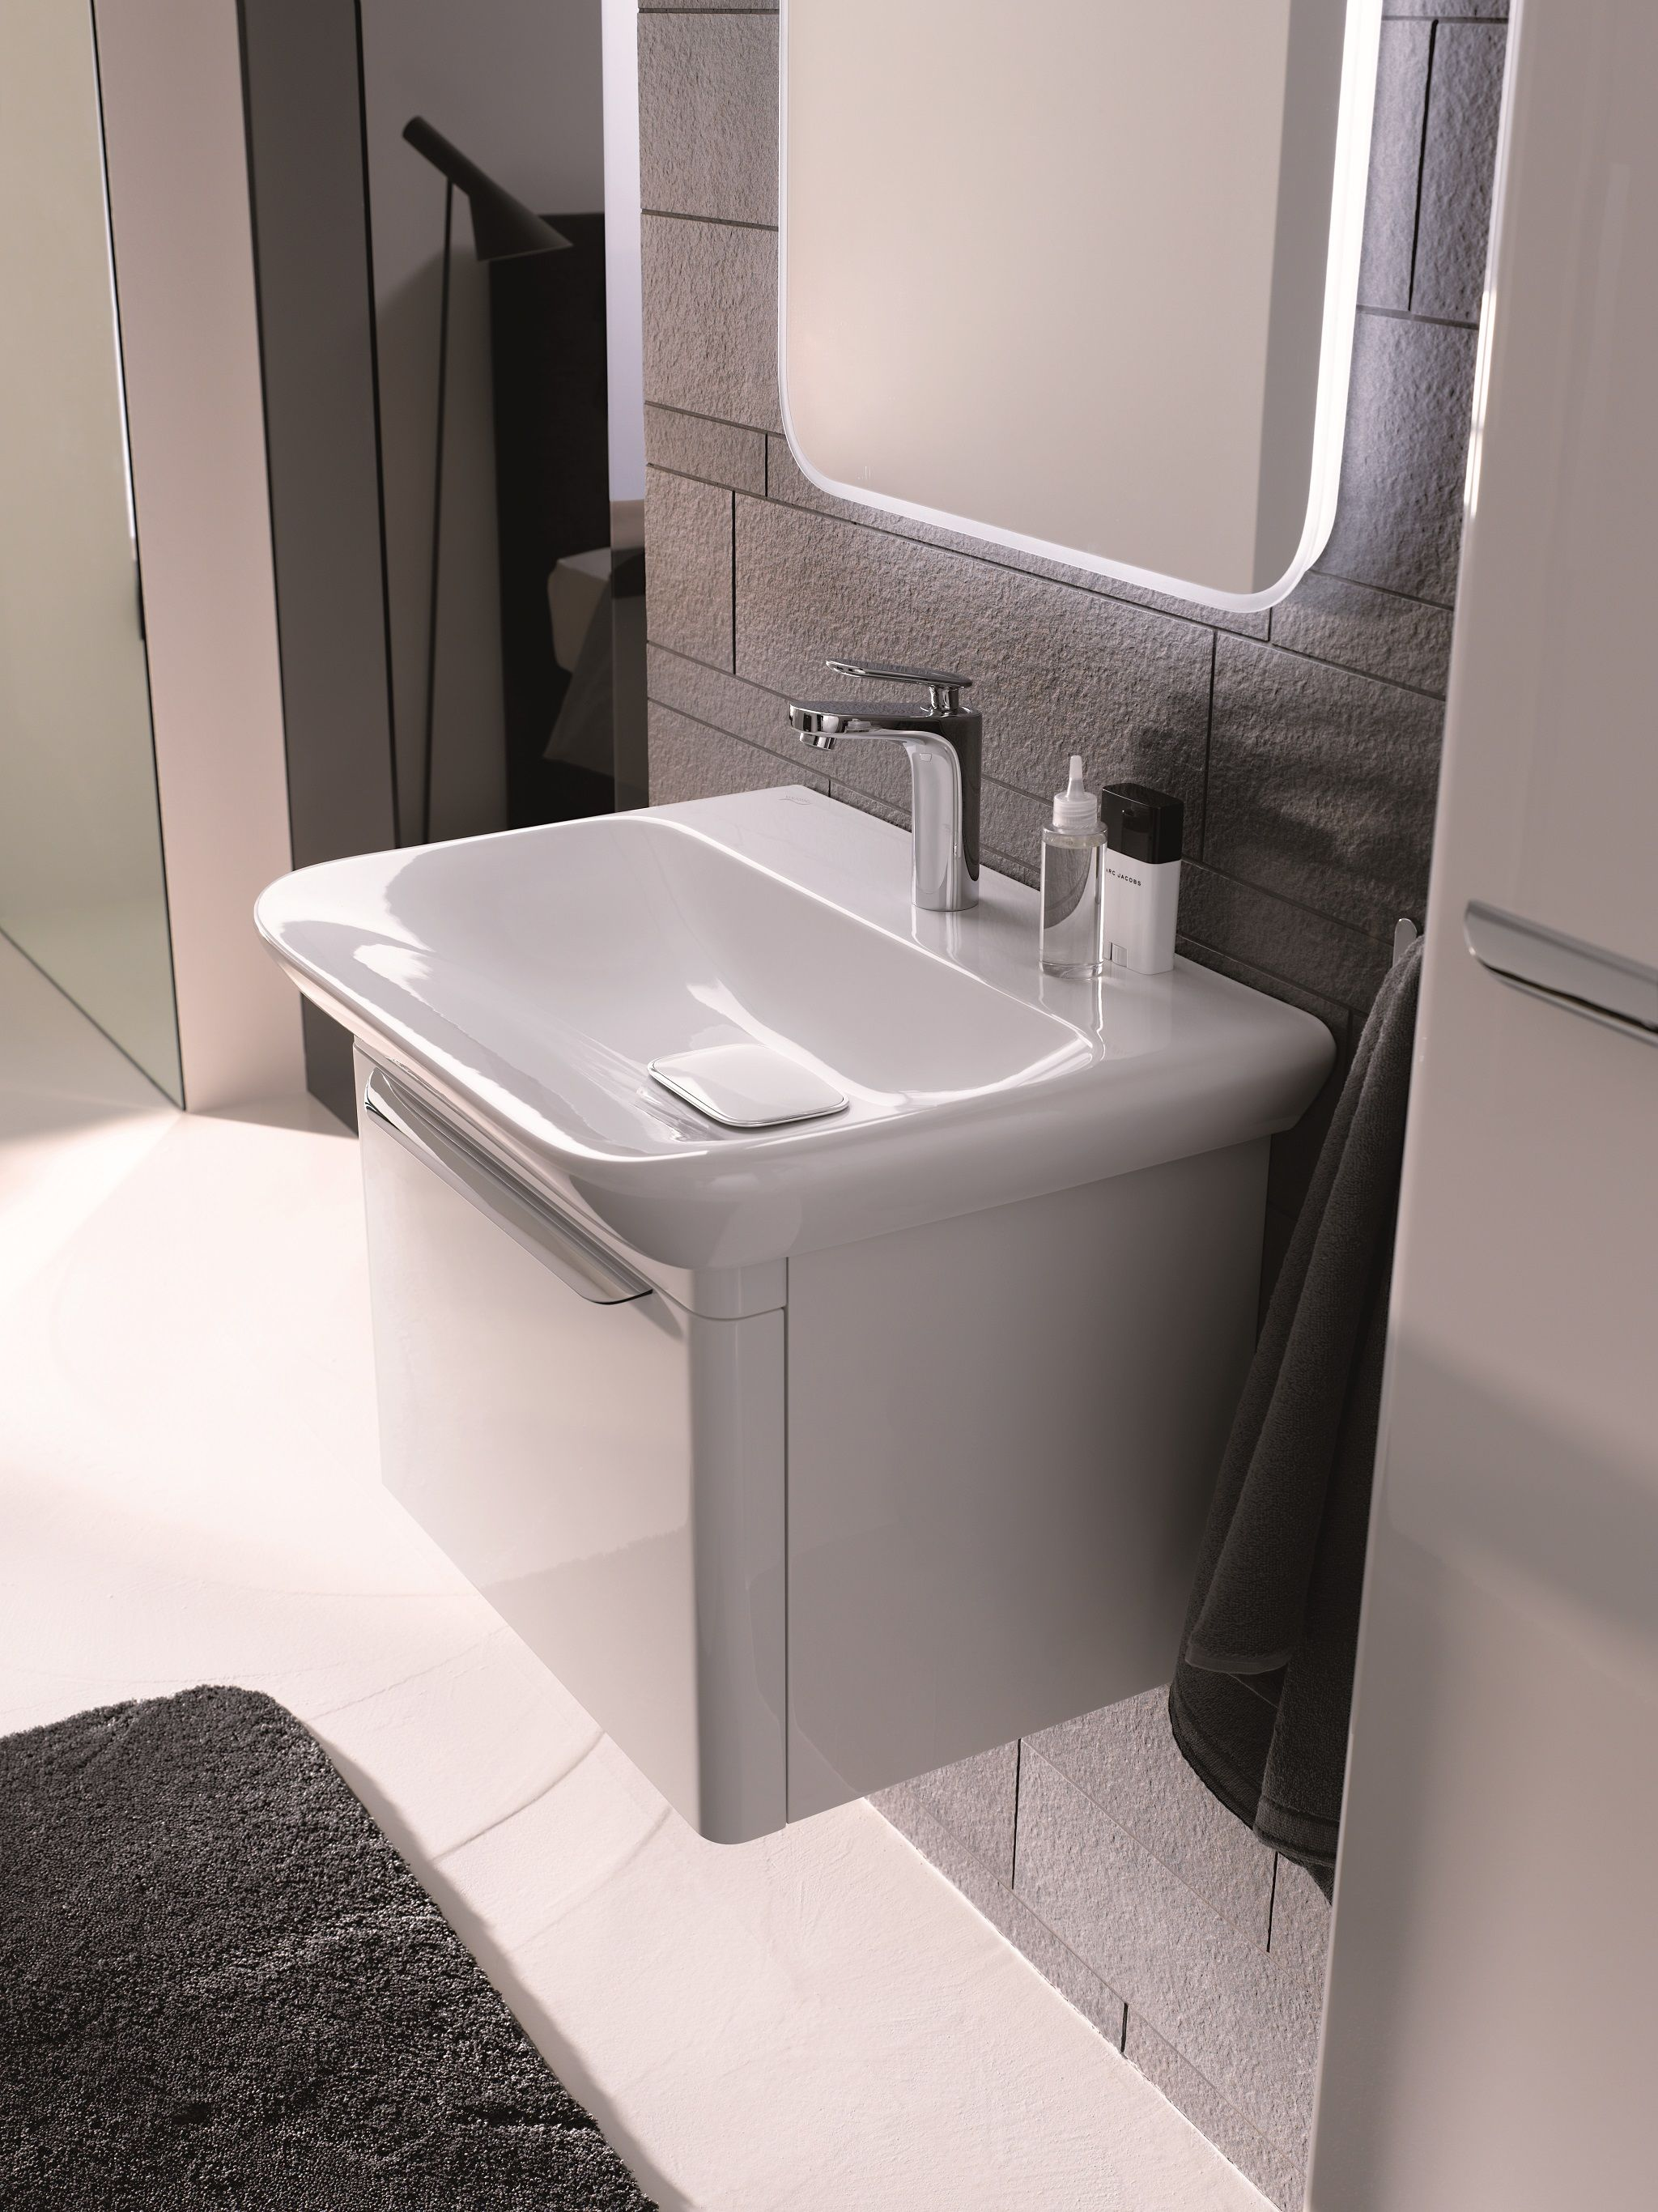 Meuble Salle De Bain Kub ~ combinatie van spiegel wastafel en onderkast voor wastafel uit de